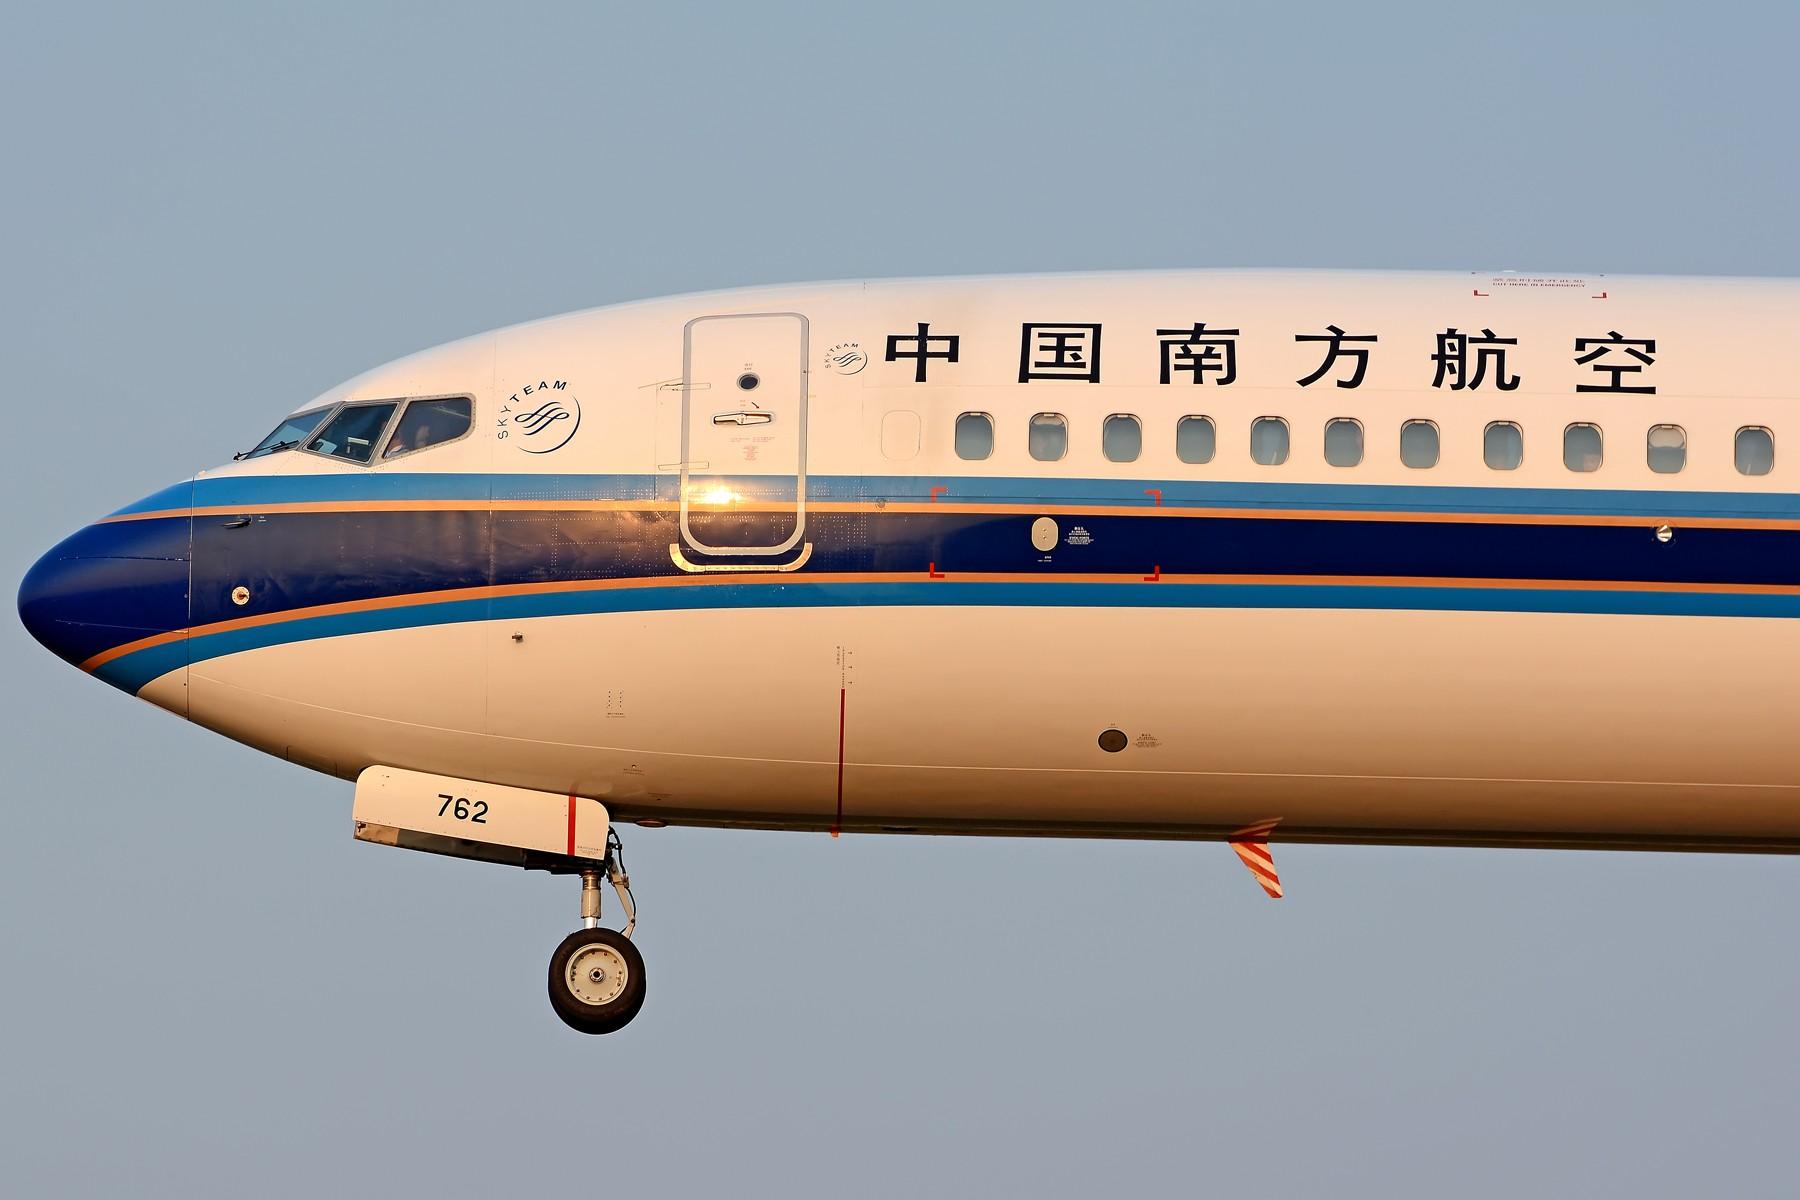 Re:[原创]【多图党】试镜200-500大头比较多 BOEING 737-800 B-5762 中国合肥新桥国际机场